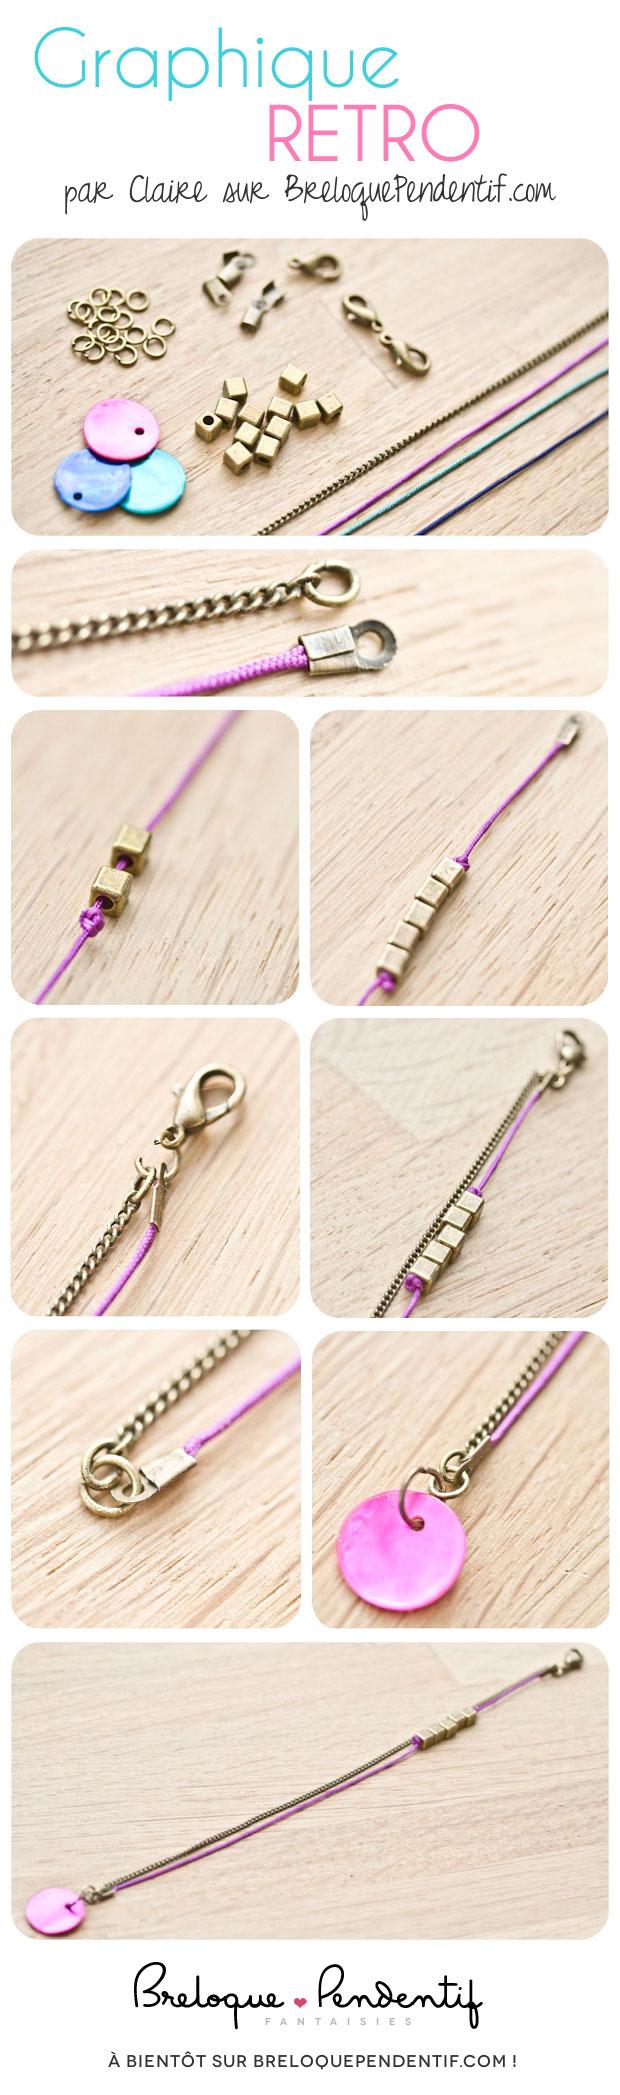 Bracelet Graphique Retro par Claire